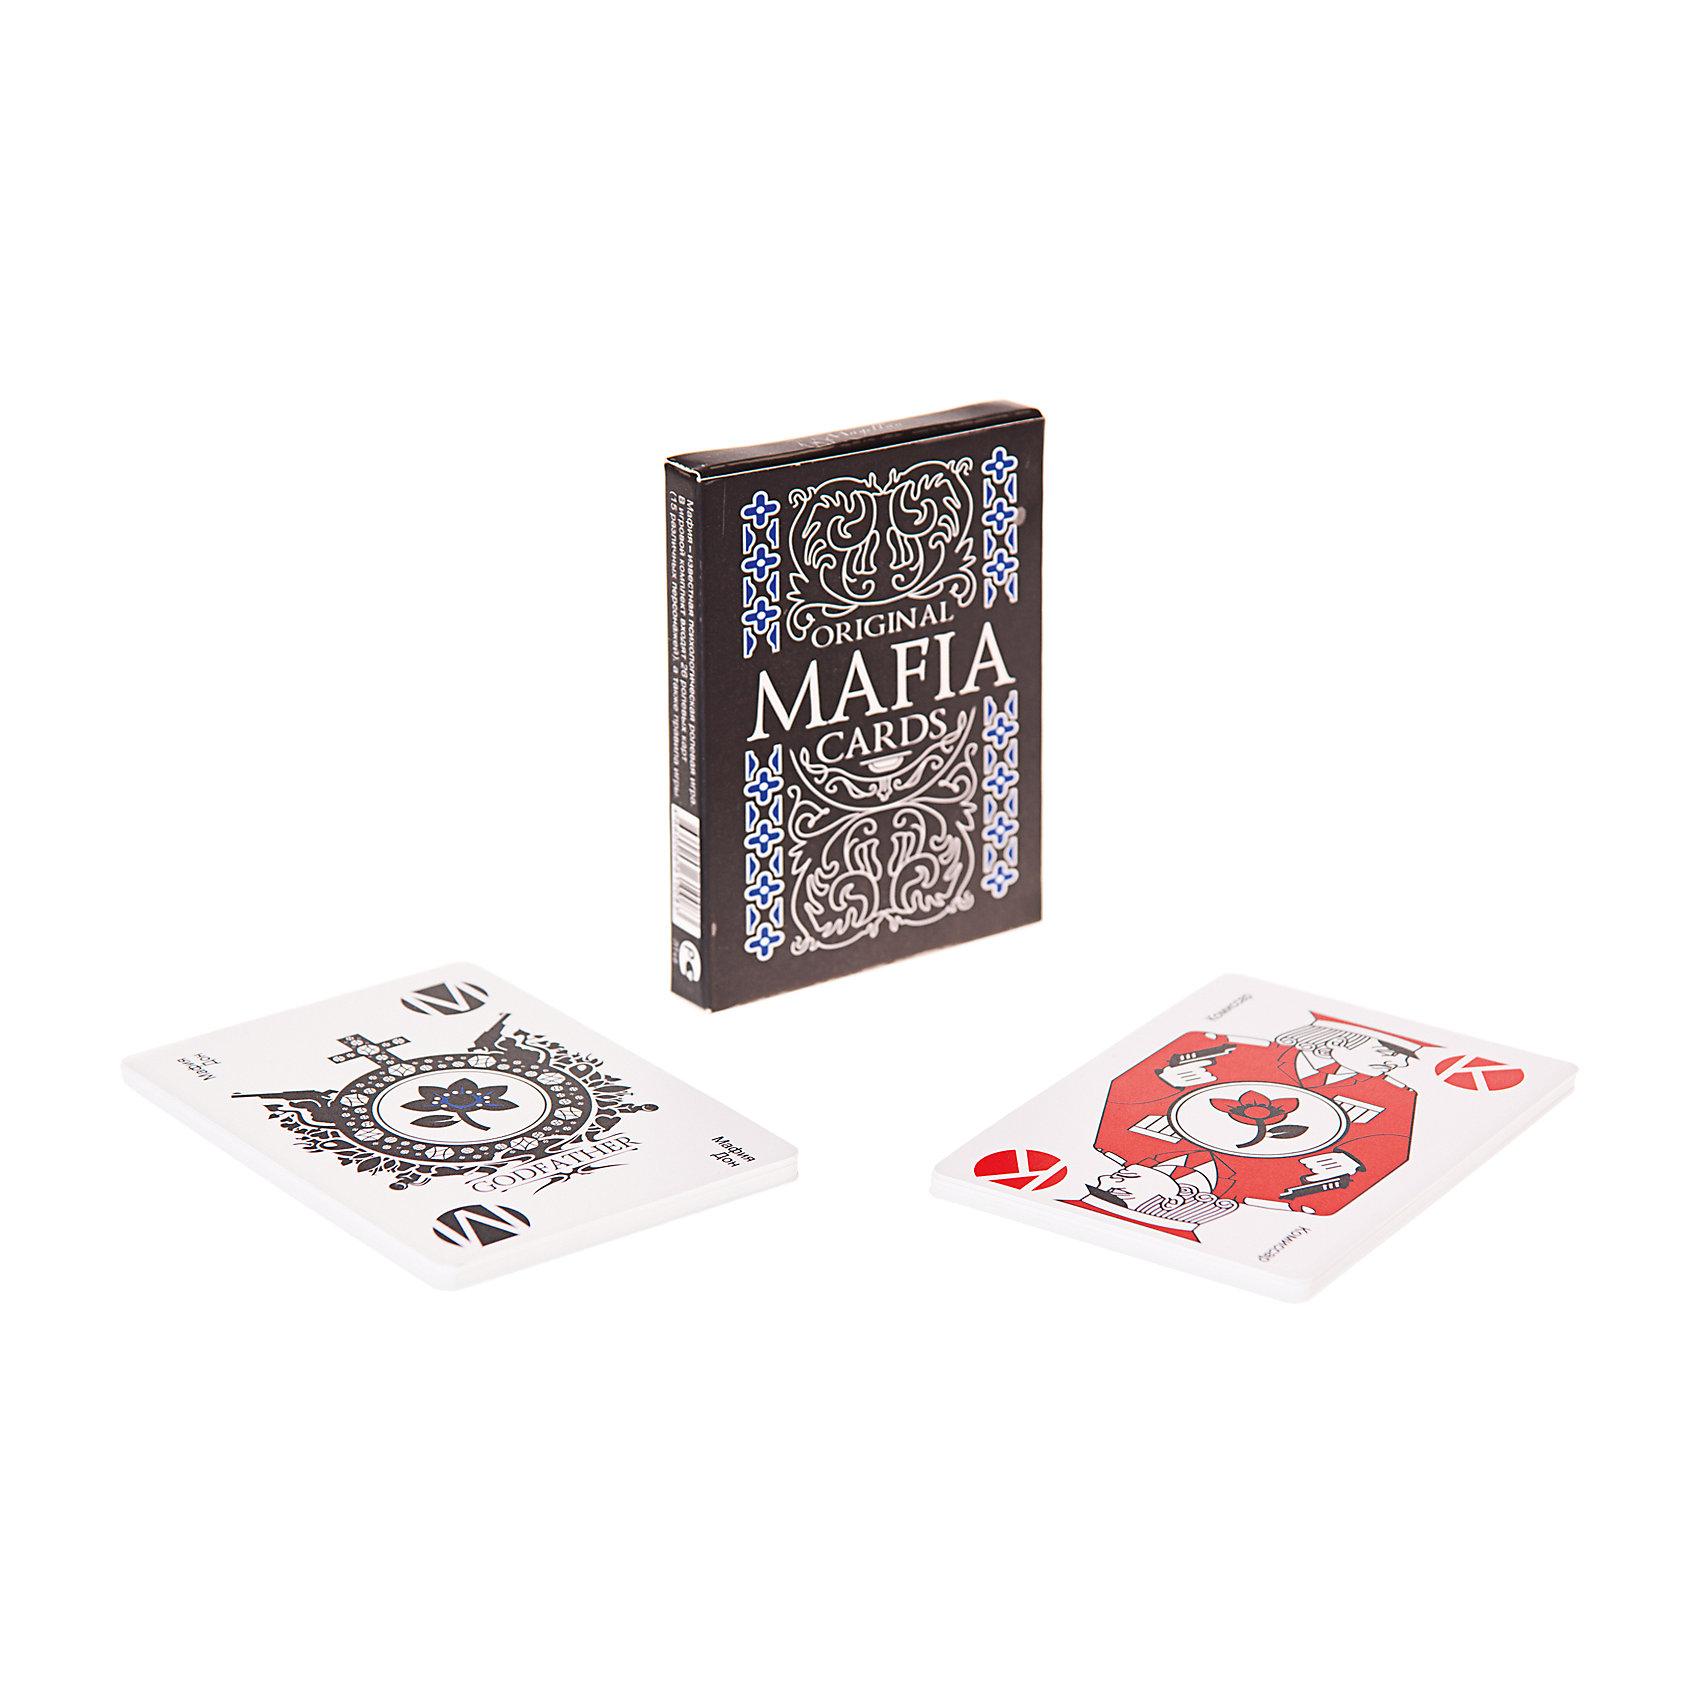 Настольная игра Мафия, Магеллан (пластиковая карта)Настольные игры для всей семьи<br>Характеристики:<br><br>• возраст: от 14 лет<br>• комплектация: 26 карт; турнирные и обучающие правила.<br>• материал карт: пластик<br>• количество игроков: от 6 до 20 человек<br>• время игры: 40-120 минут<br>• упаковка: картонная коробка<br>• размер упаковки: 11,5х6,7х1,5 см.<br>• вес: 40 гр.<br><br>«Мафия» - увлекательная психологическая ролевая игра с детективным сюжетом, которая любима игроками всех возрастов.<br><br>Жители города, обессилевшие от разгула мафии, принимают решение пересажать в тюрьму всех мафиози. В ответ мафия объявляет войну до полного уничтожения всех мирных жителей.<br><br>Цель игры: для мирных жителей - вычислить и «убить» мафию, для мафии – «перестрелять» всех мирных жителей. Окунитесь в мир, где единственные друзья - ваша интуиция и умение отличить правду от лжи. <br><br>Для ценителей игры «Мафия» будет интересна тем, что схема турнирных правил, изначально рассчитанная на обучение дипломатов.<br><br>Карты в колоде пластиковые, то есть отлично переносят самые сложные условия, с большим трудом пачкаются и не заминаются.<br><br>Игра развивает память, логику, сообразительность, командное взаимодействие, стратегическое мышление, актерские навыки.<br><br>Настольную игру Мафия, Магеллан (пластиковая карта) можно купить в нашем интернет-магазине.<br><br>Ширина мм: 115<br>Глубина мм: 67<br>Высота мм: 15<br>Вес г: 40<br>Возраст от месяцев: 168<br>Возраст до месяцев: 2147483647<br>Пол: Унисекс<br>Возраст: Детский<br>SKU: 7036601